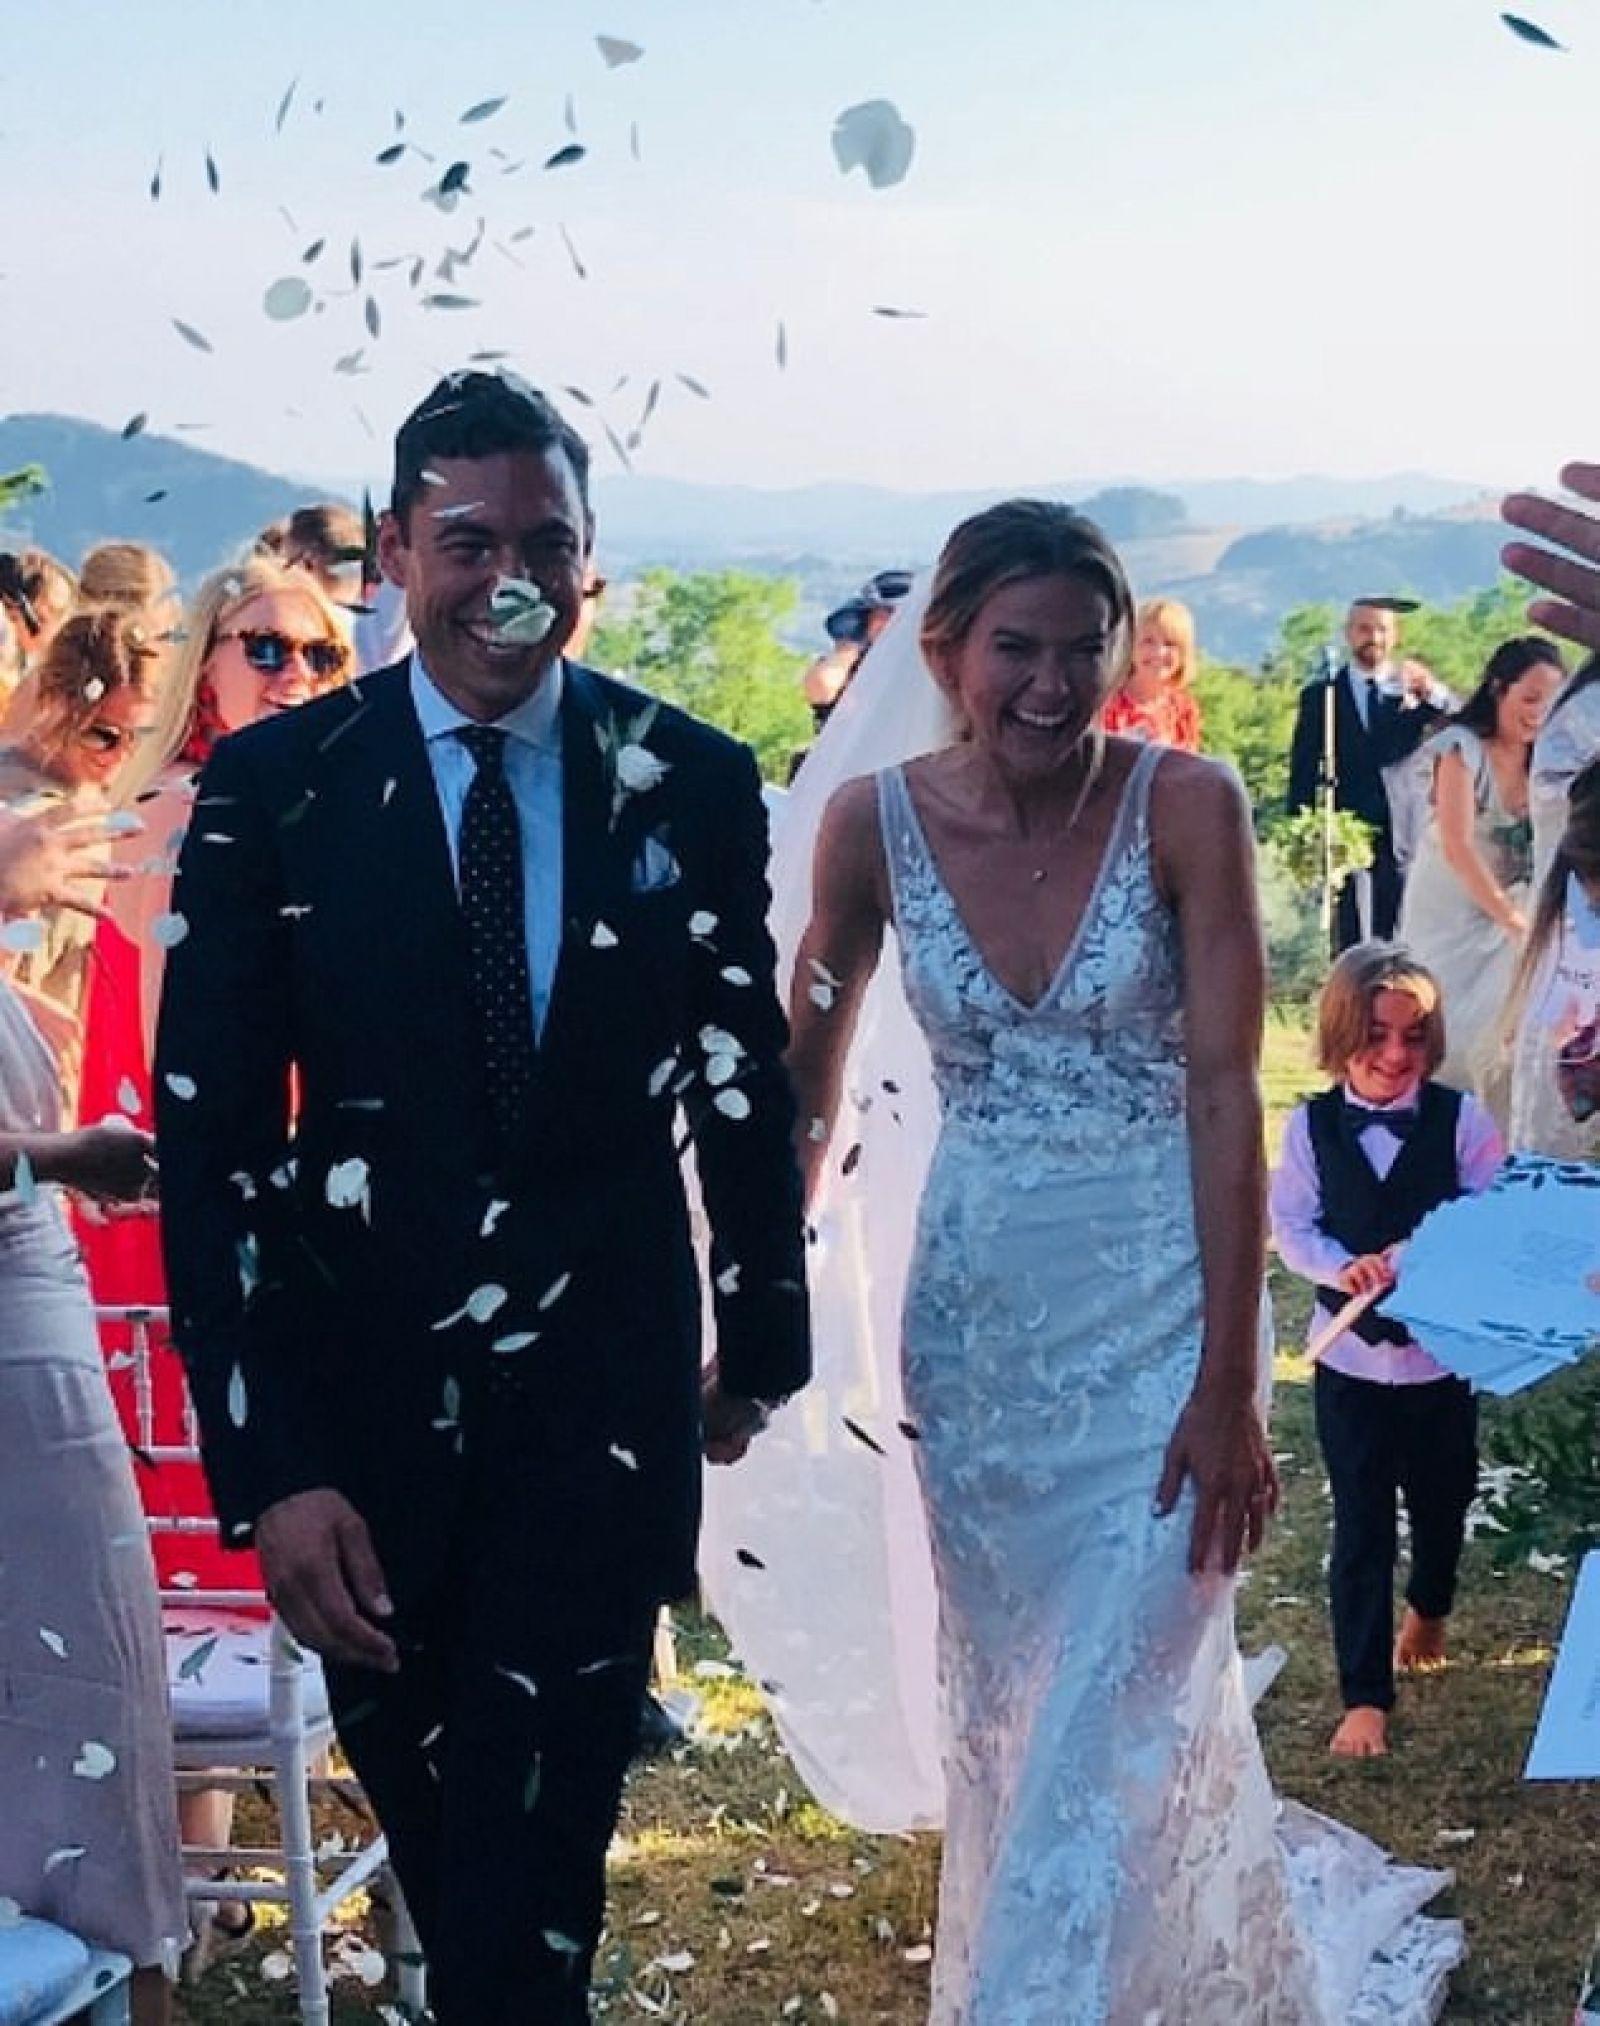 Amy và chồng trong hôn lễ của cặp đôi.